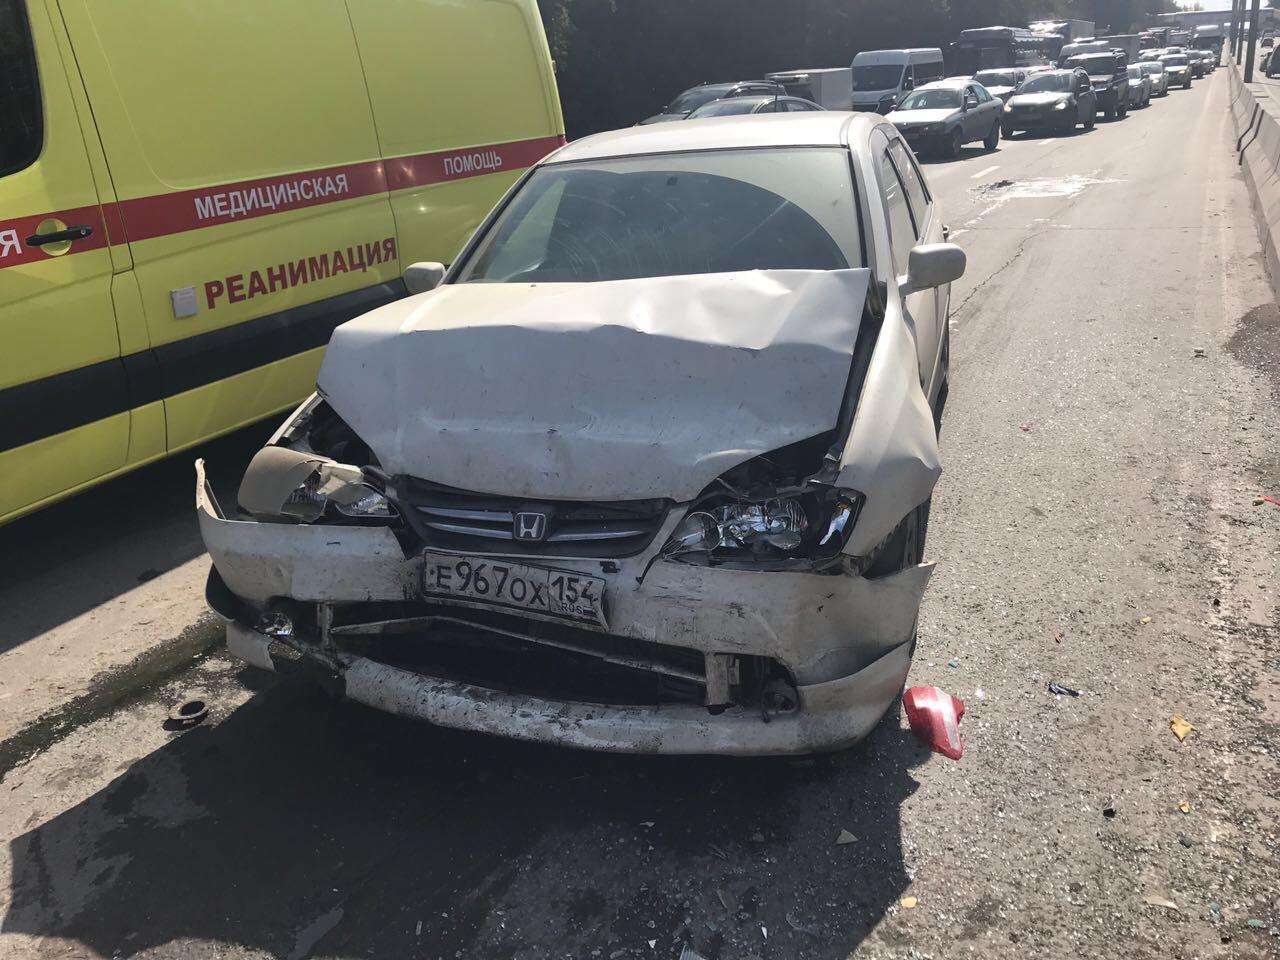 Из-за ДТП на Бердском шоссе собралась серьёзная пробка